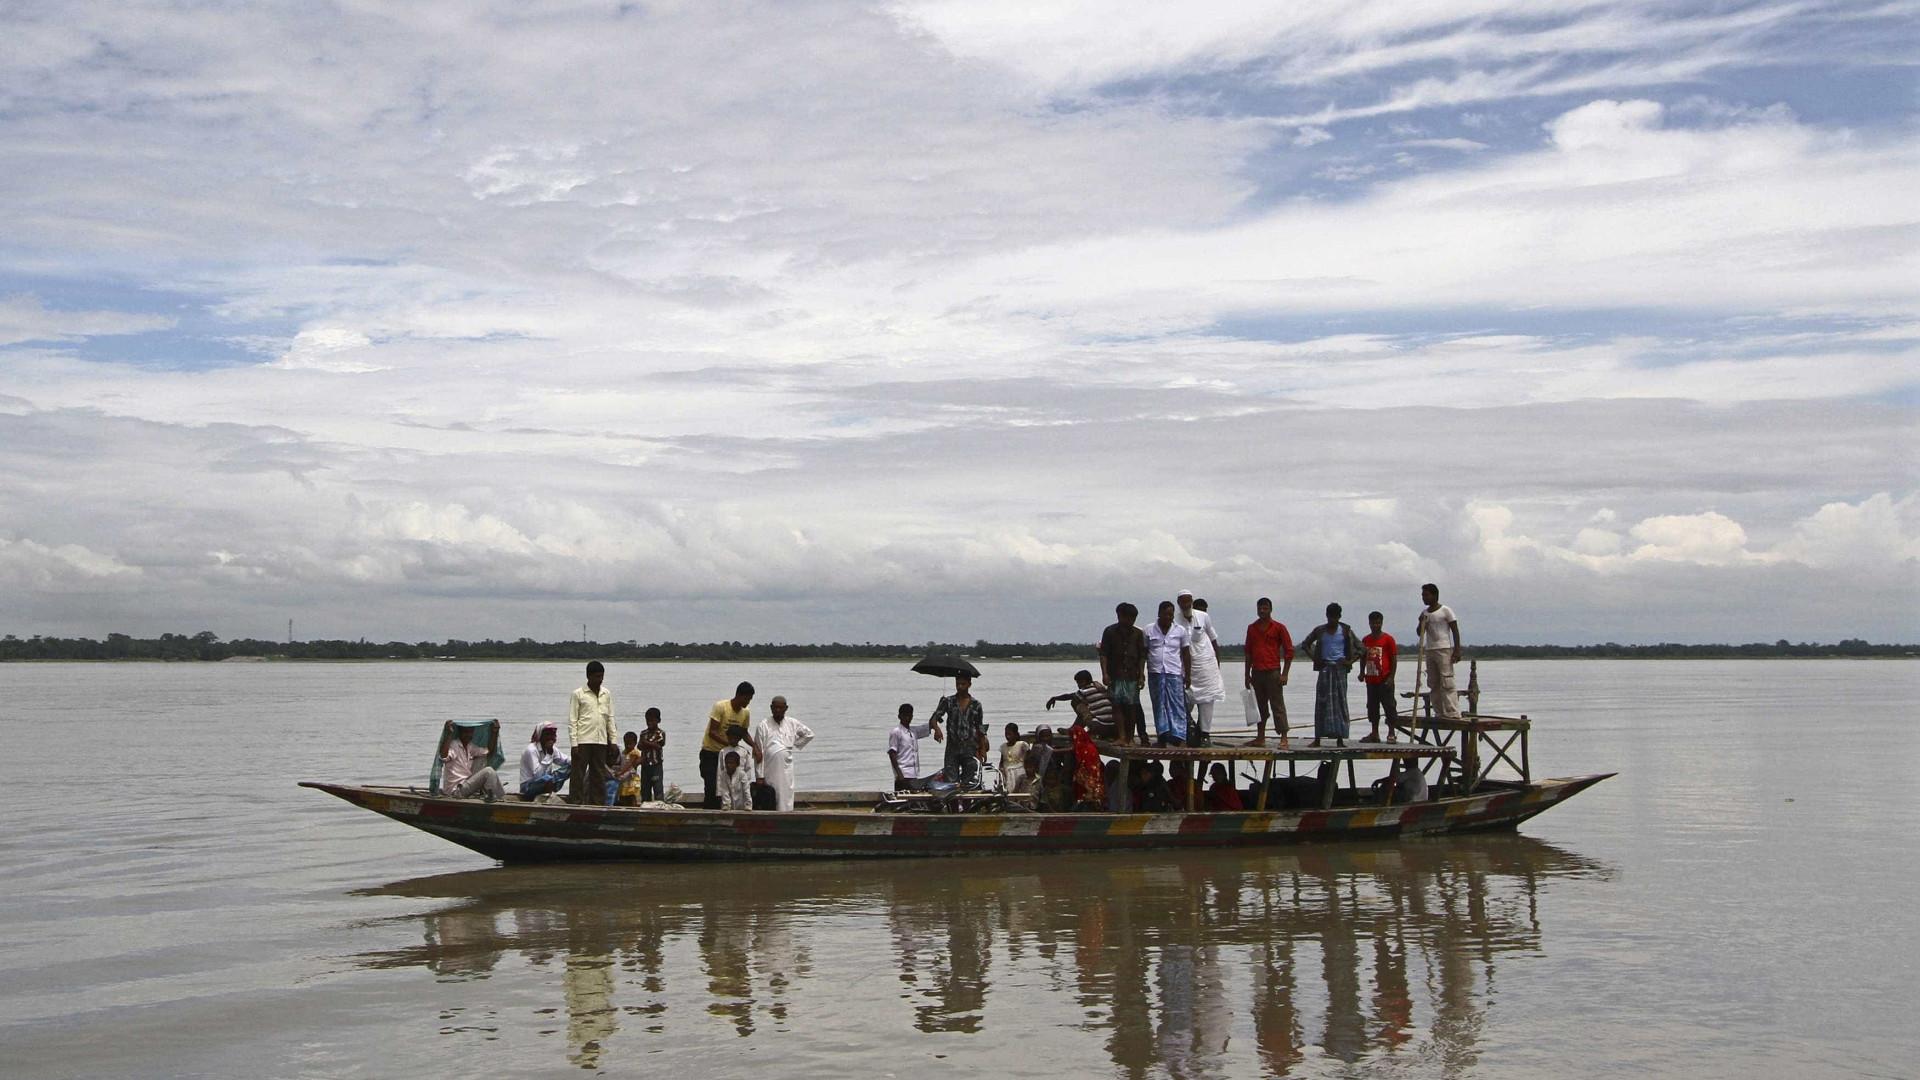 Número de mortos em naufrágio na Tanzânia passa de 100